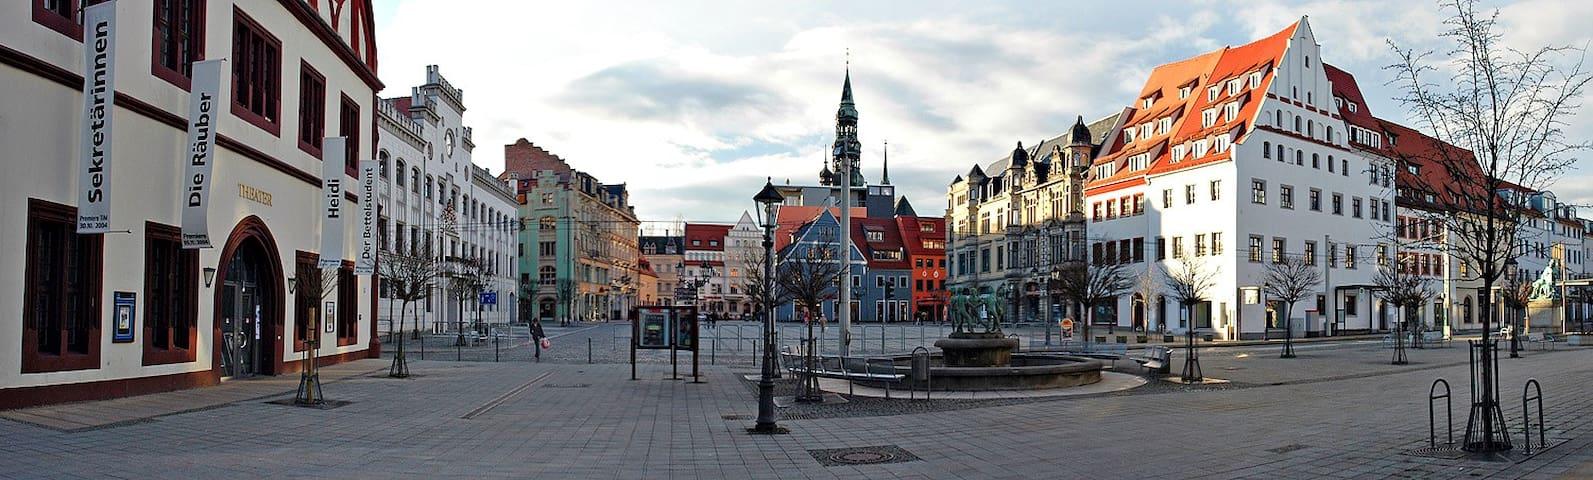 City Pension - zentral und ruhig